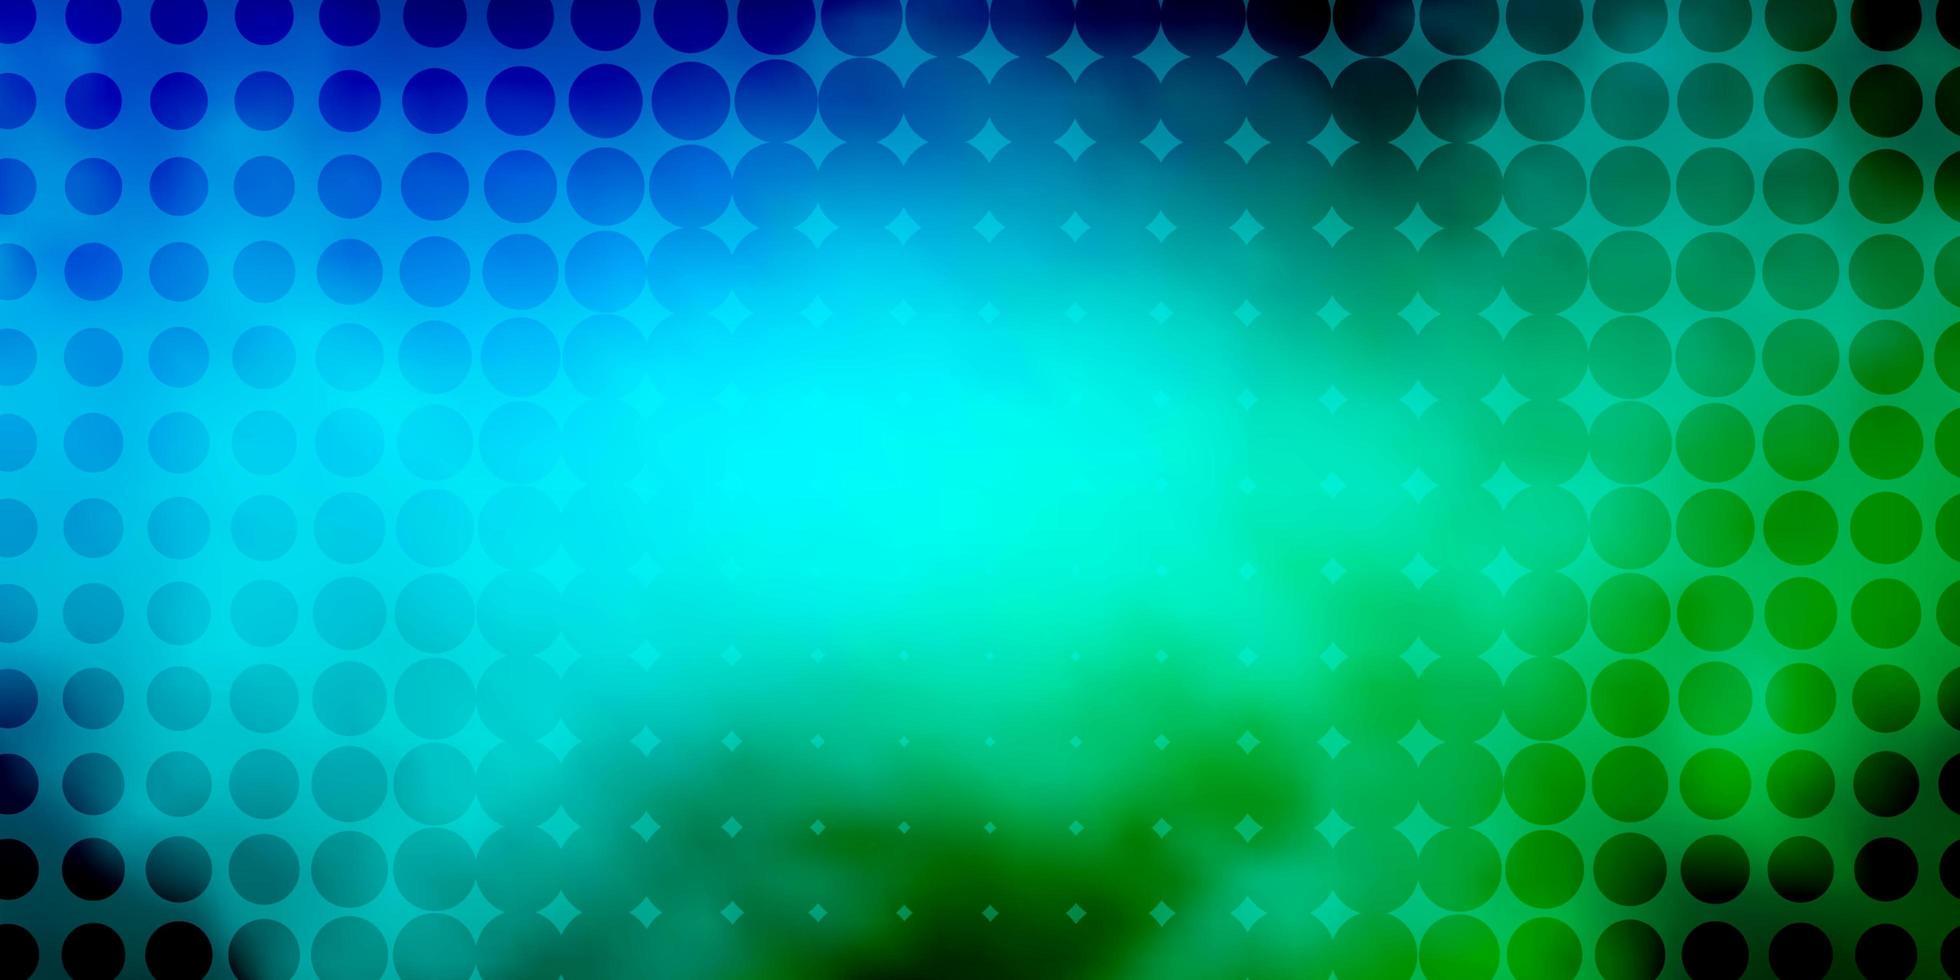 blauer und grüner Hintergrund mit Kreisen. vektor